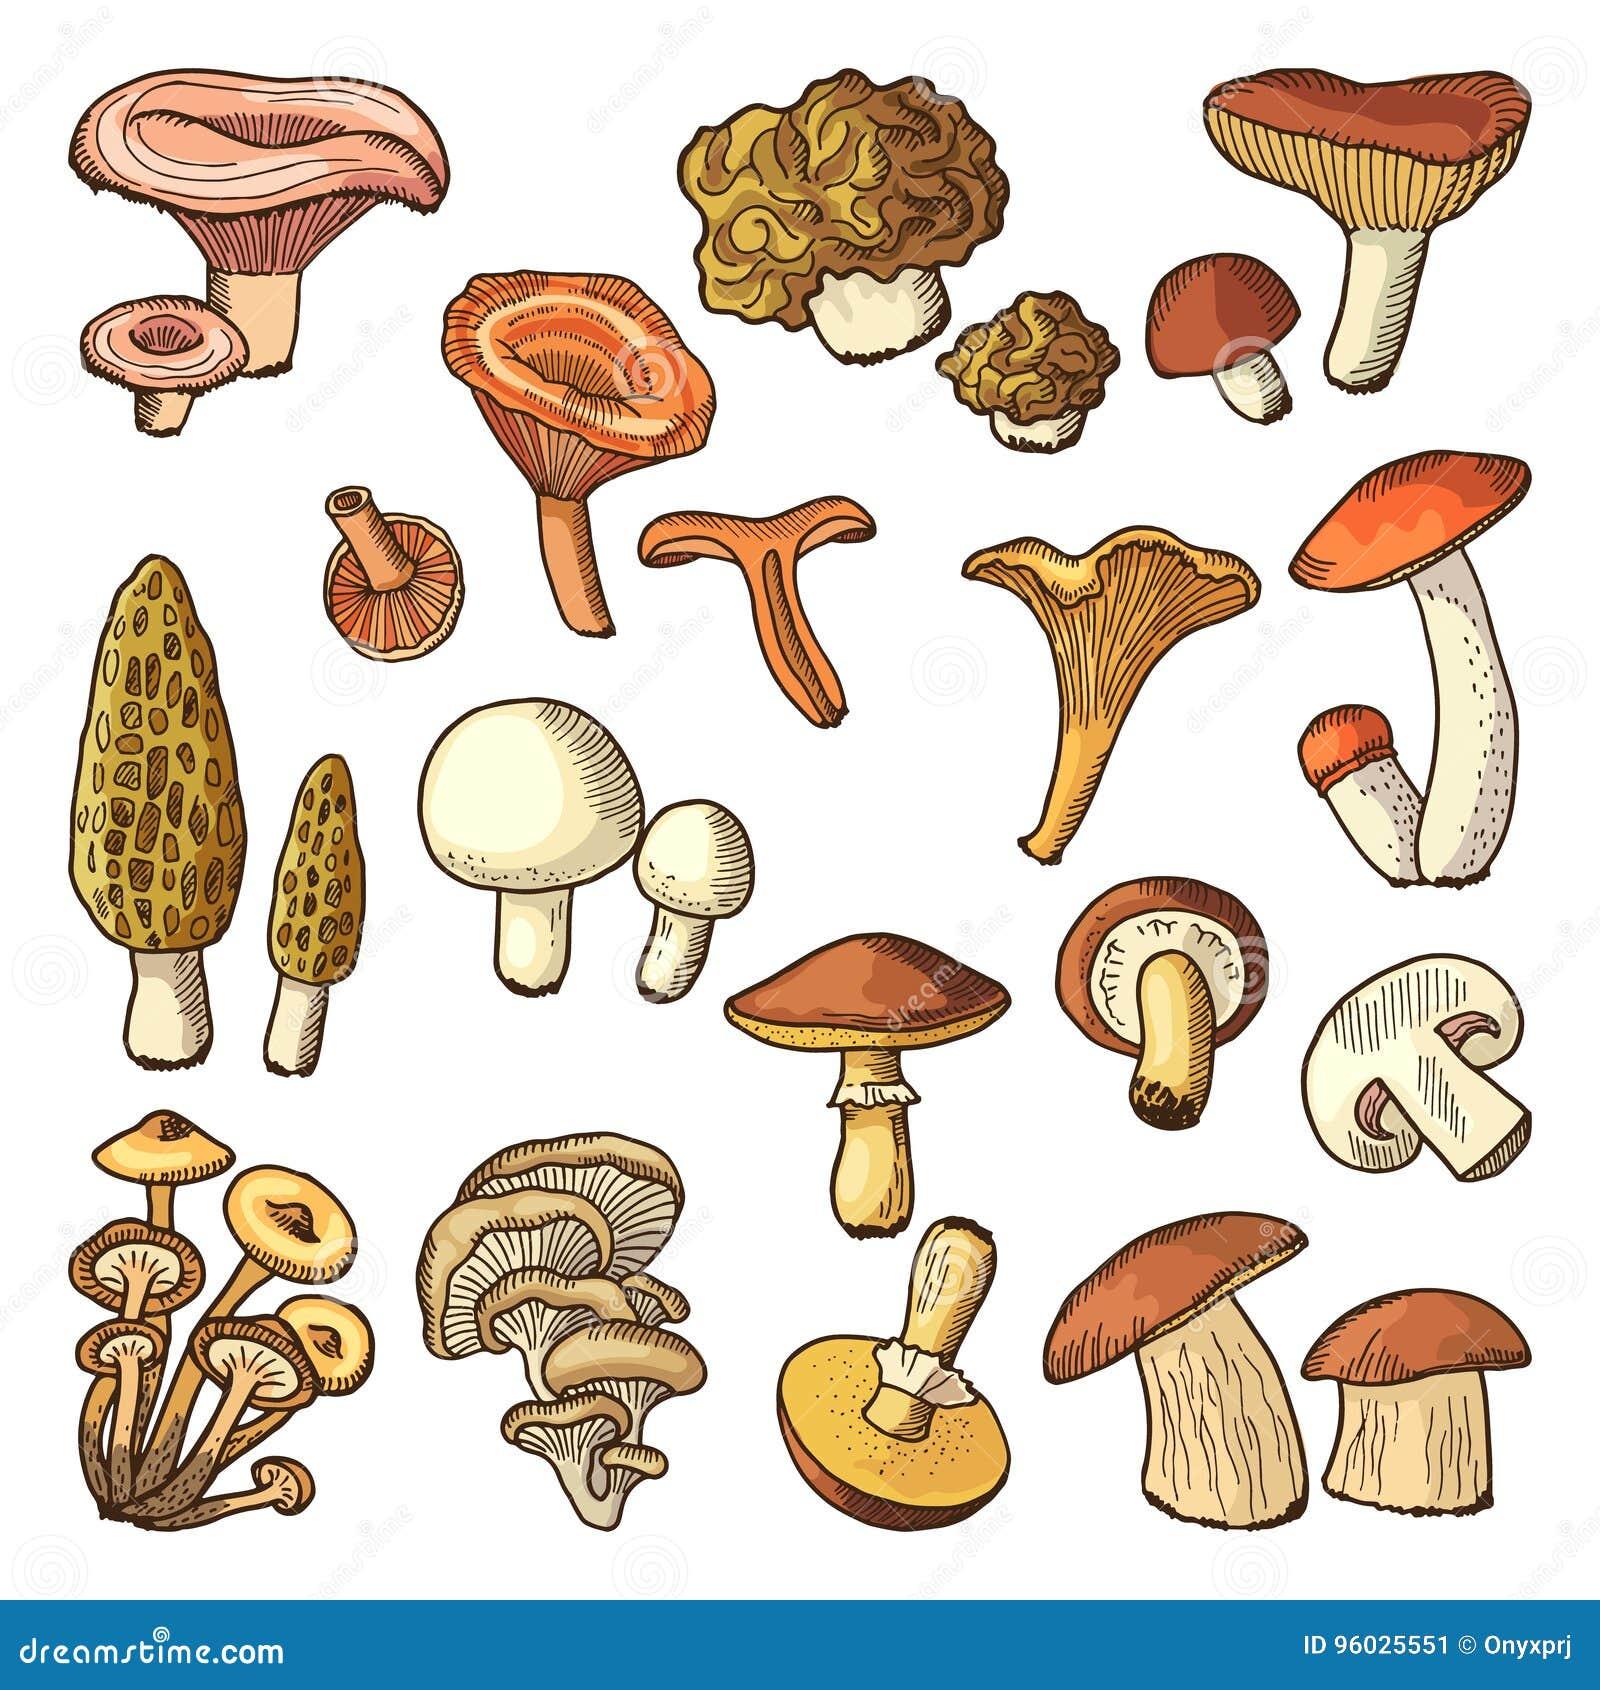 Barwionej natury wektorowe ilustracje pieczarki Trufle i chanterelle, śliski